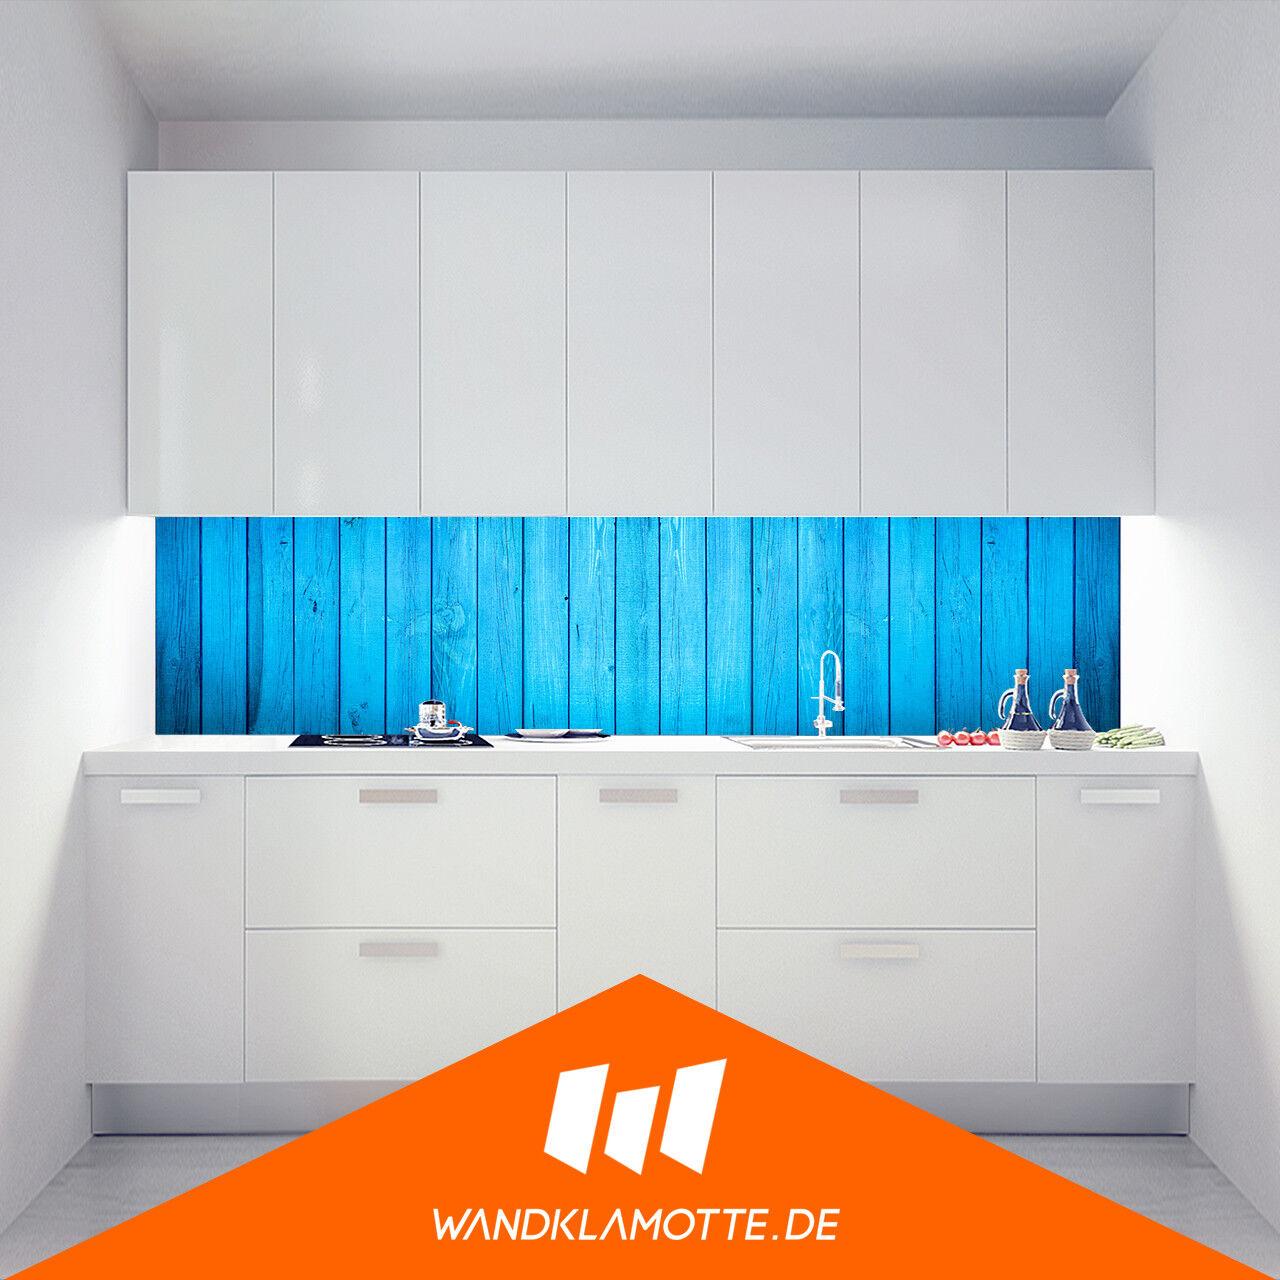 Étagère Murale Cuisine Aluminium Composite Cuisinière Garde-Boue High Wood Bleu